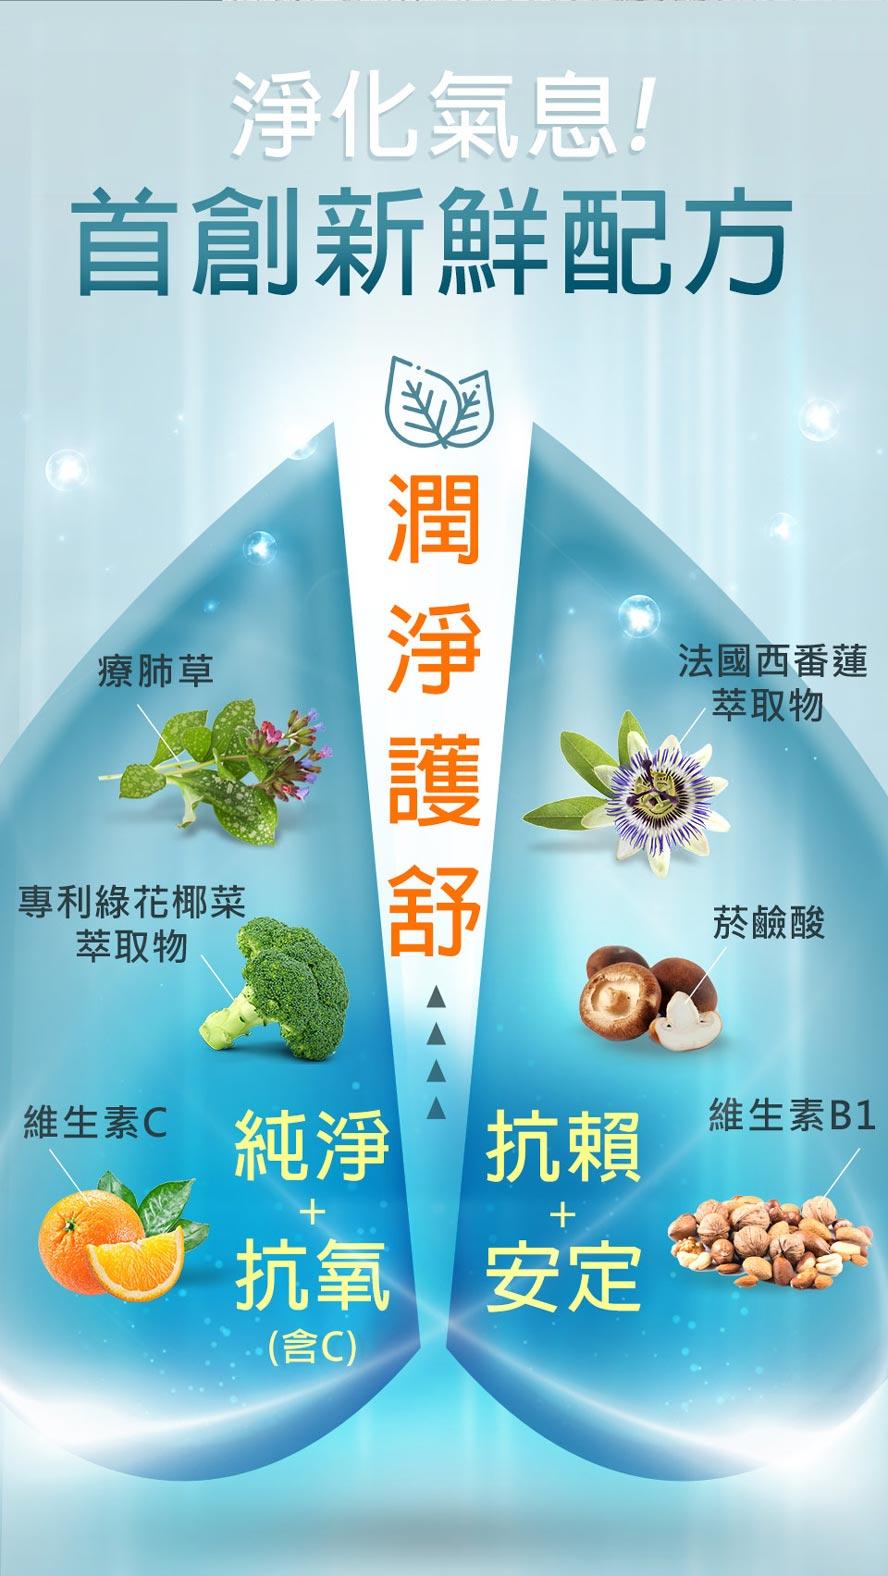 專為吸菸族打造清肺配方,專利綠花椰菜清肺,法國西番蓮克制菸癮